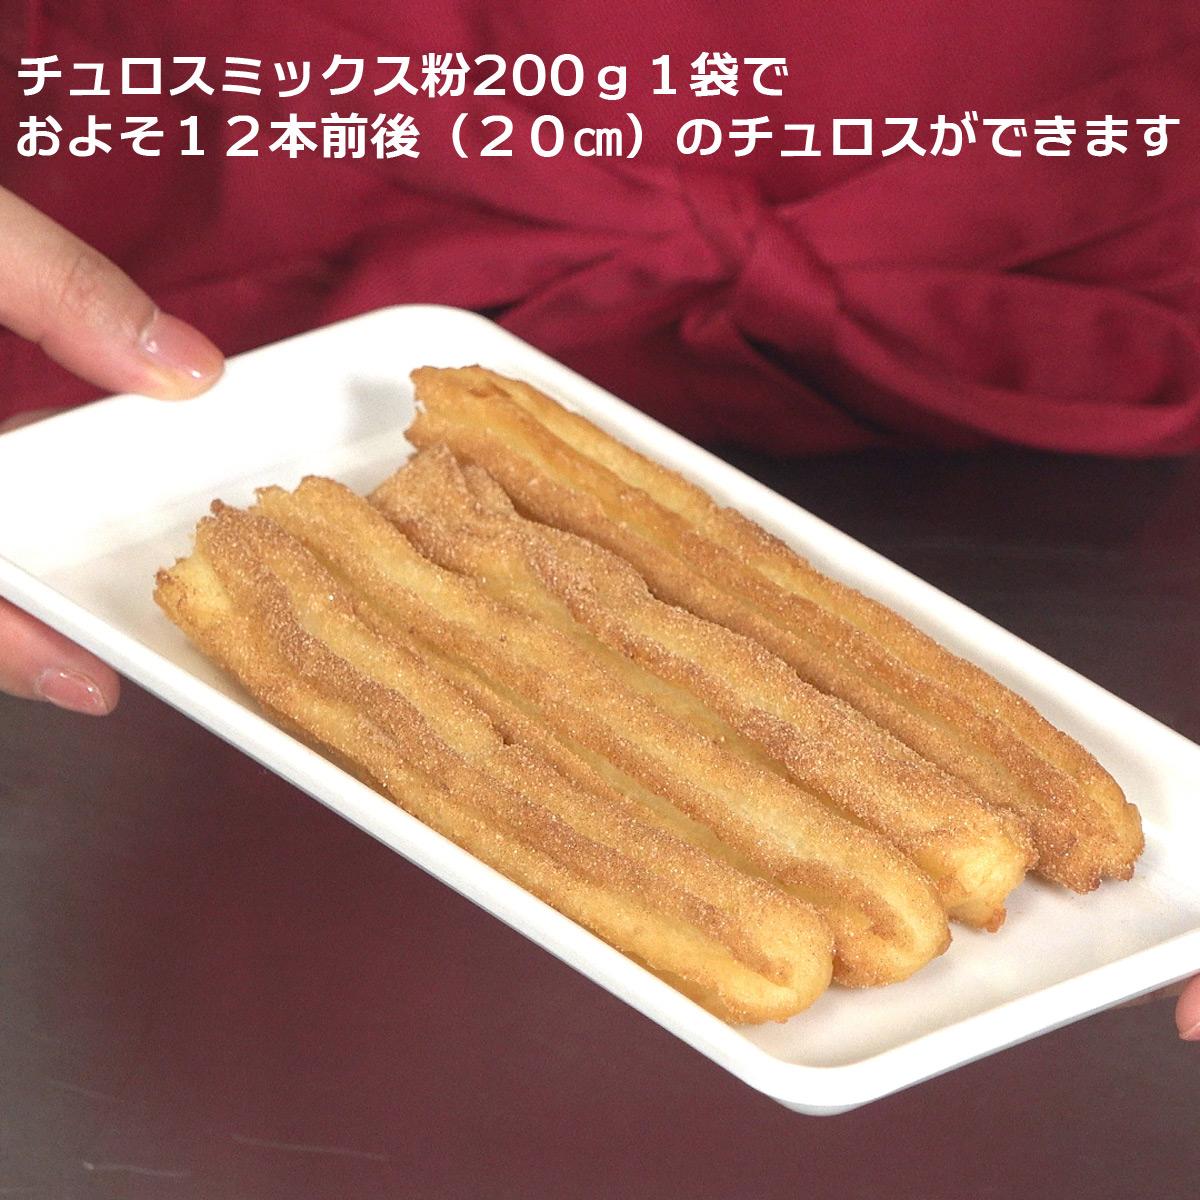 鎌倉チュロス おうちで簡単!手作りチュロスキット 画像9